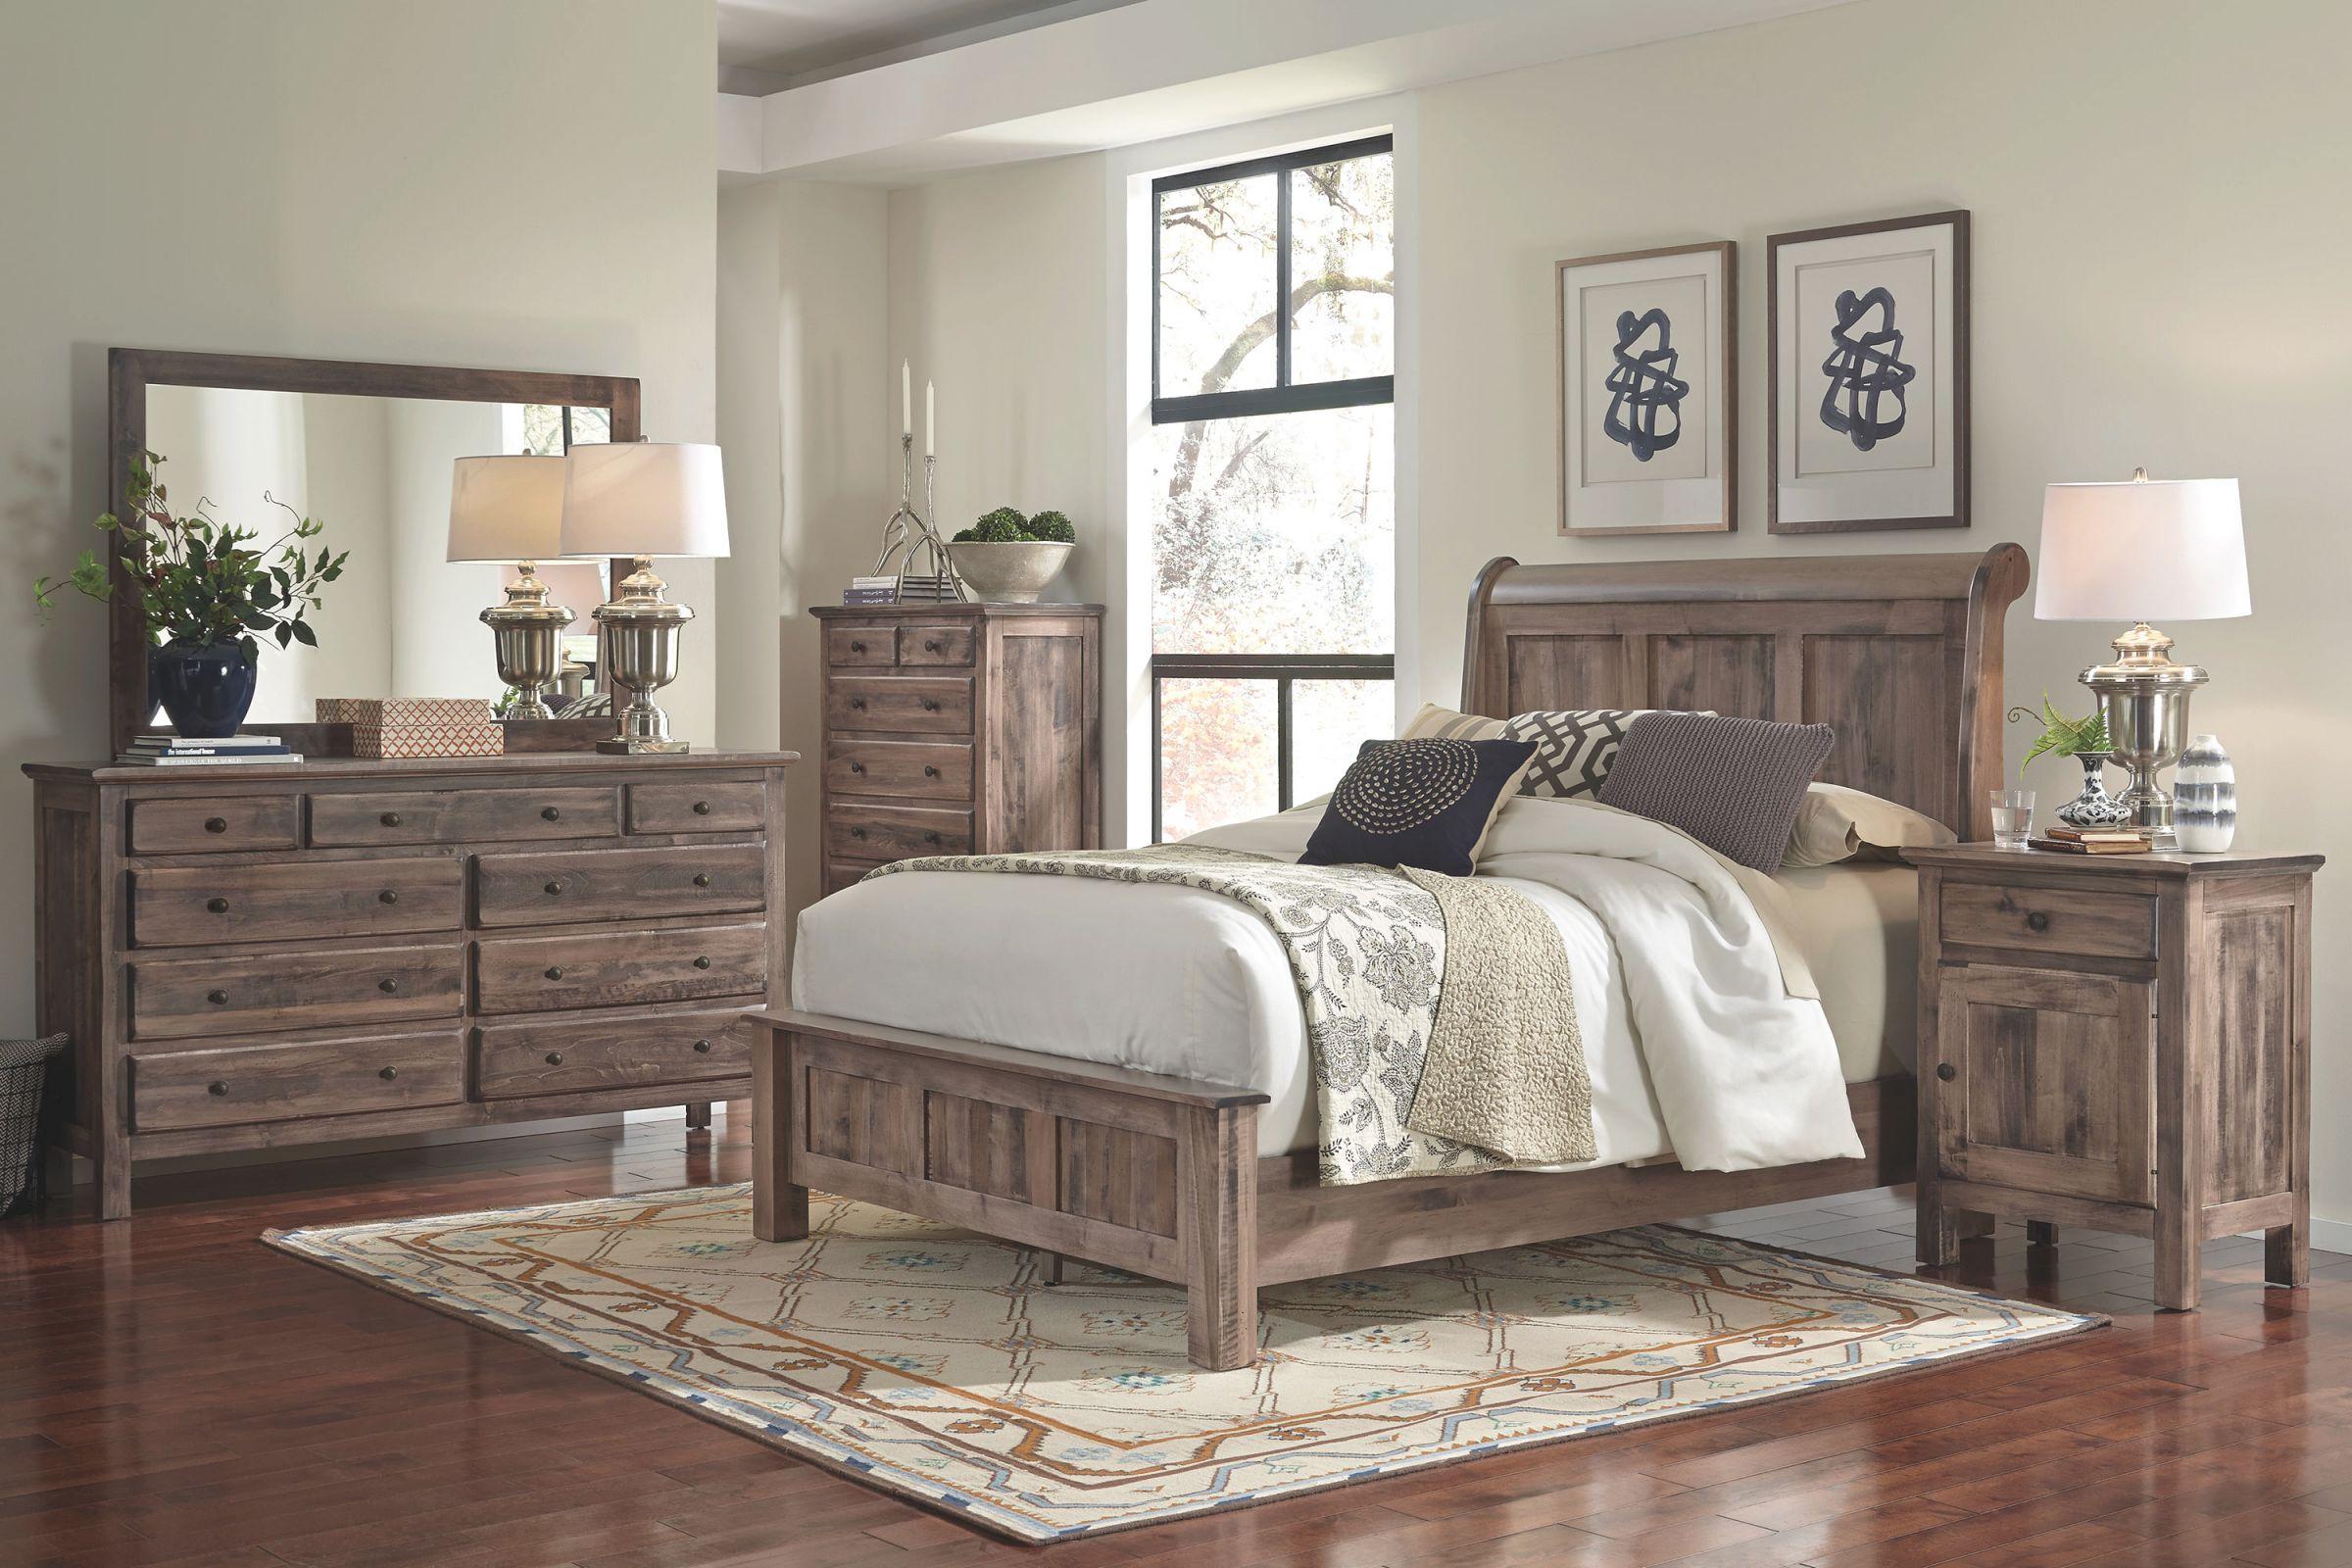 Lewiston 4-Piece Queen Bedroom Set regarding Levin Furniture Bedroom Sets